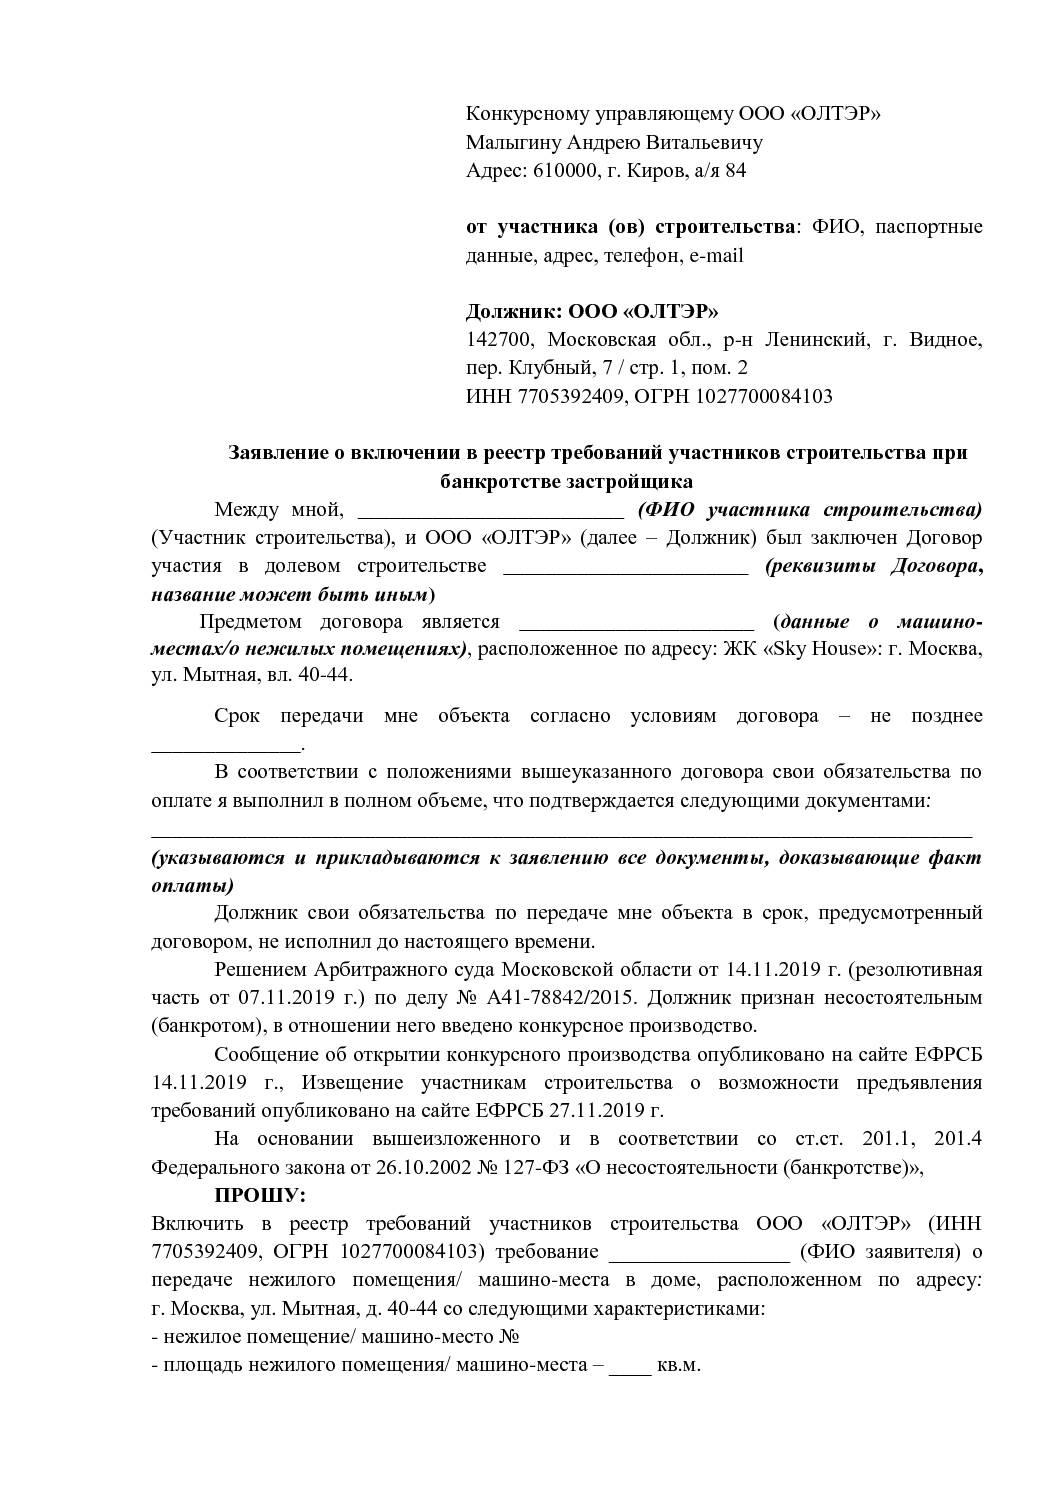 Заявление о включении в реестр (нежилое помещение, машиноместо)